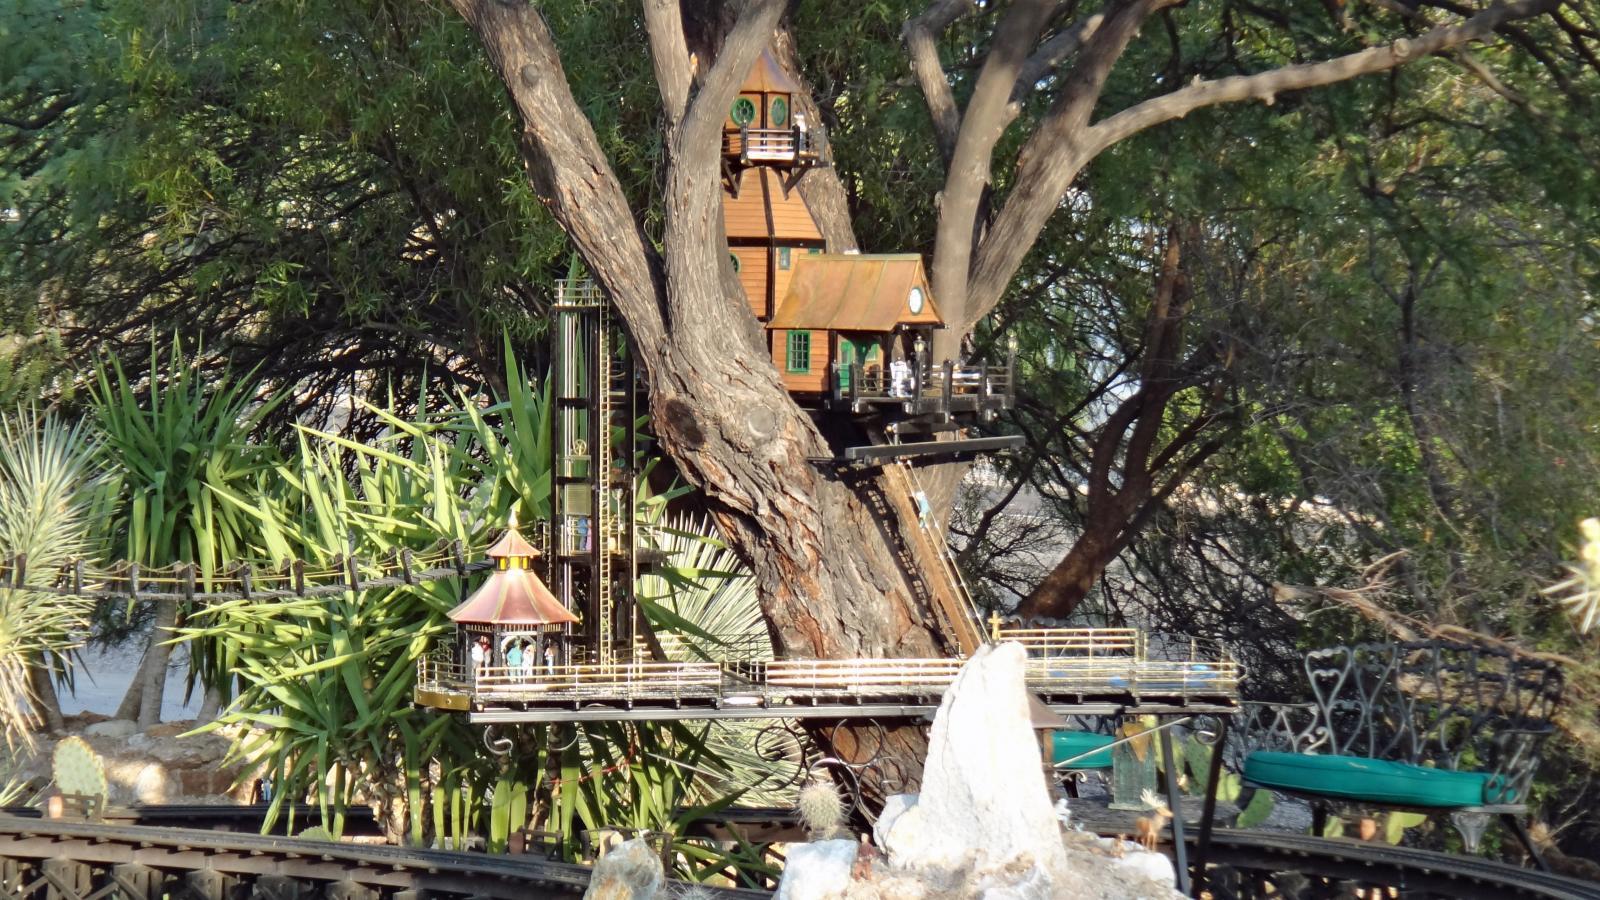 Garden Railway Treehouse Remodeled-8.JPG